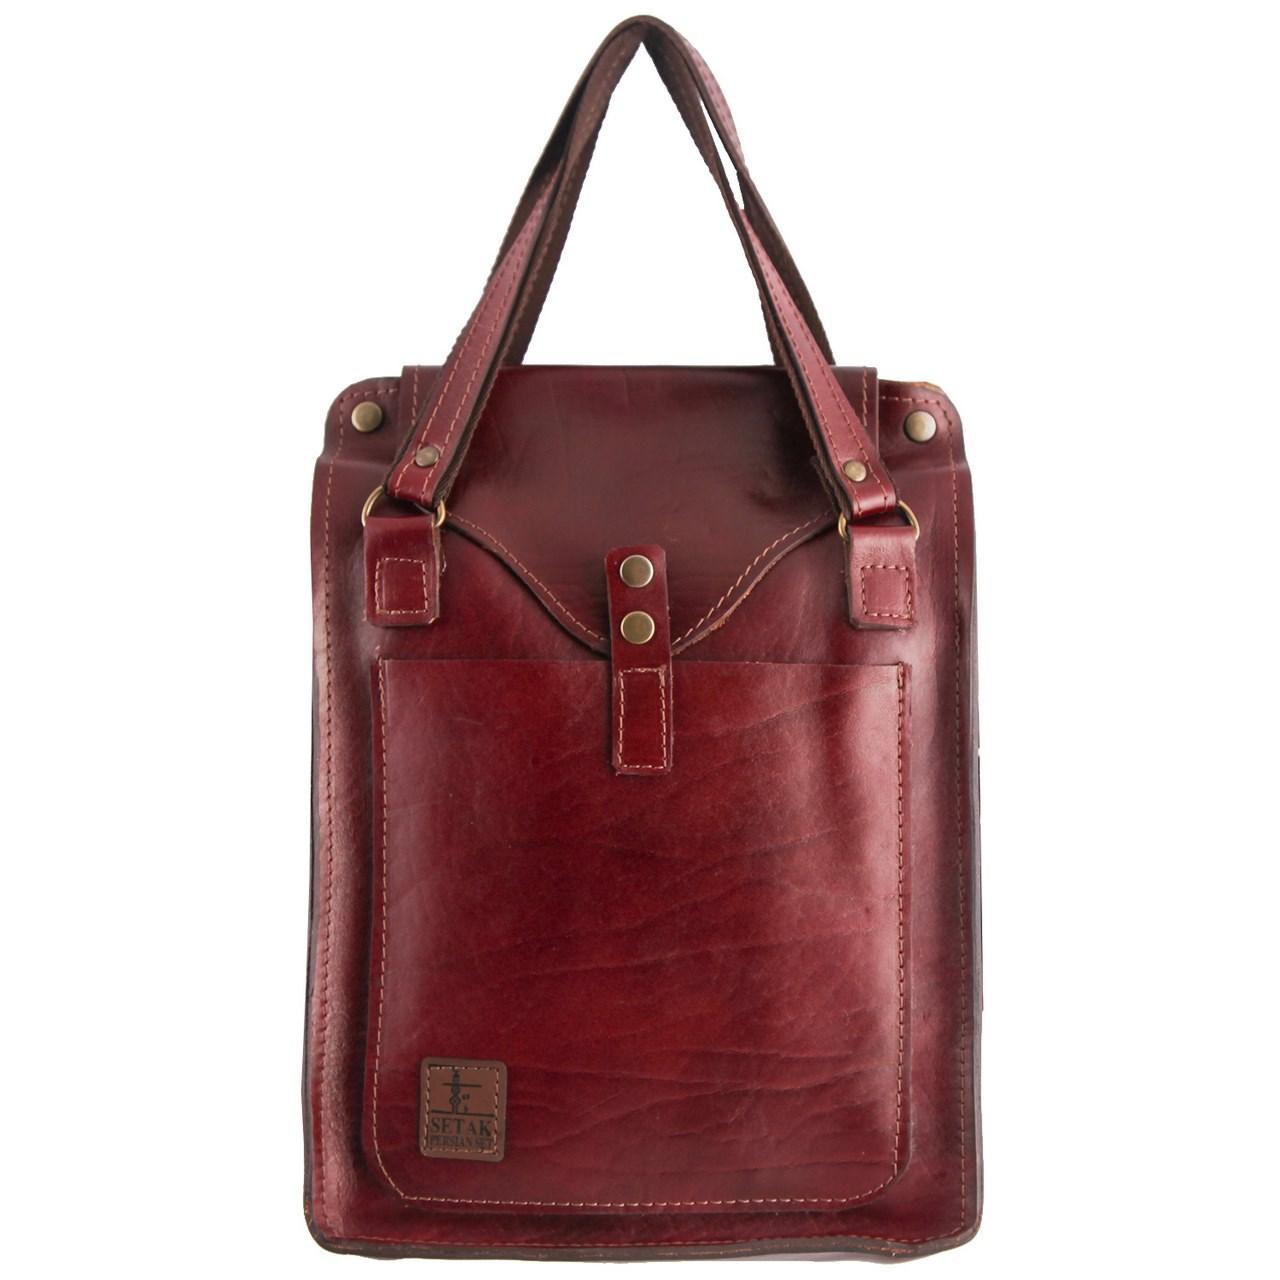 کیف دستی چرم طبیعی گالری ستاک کد 81046